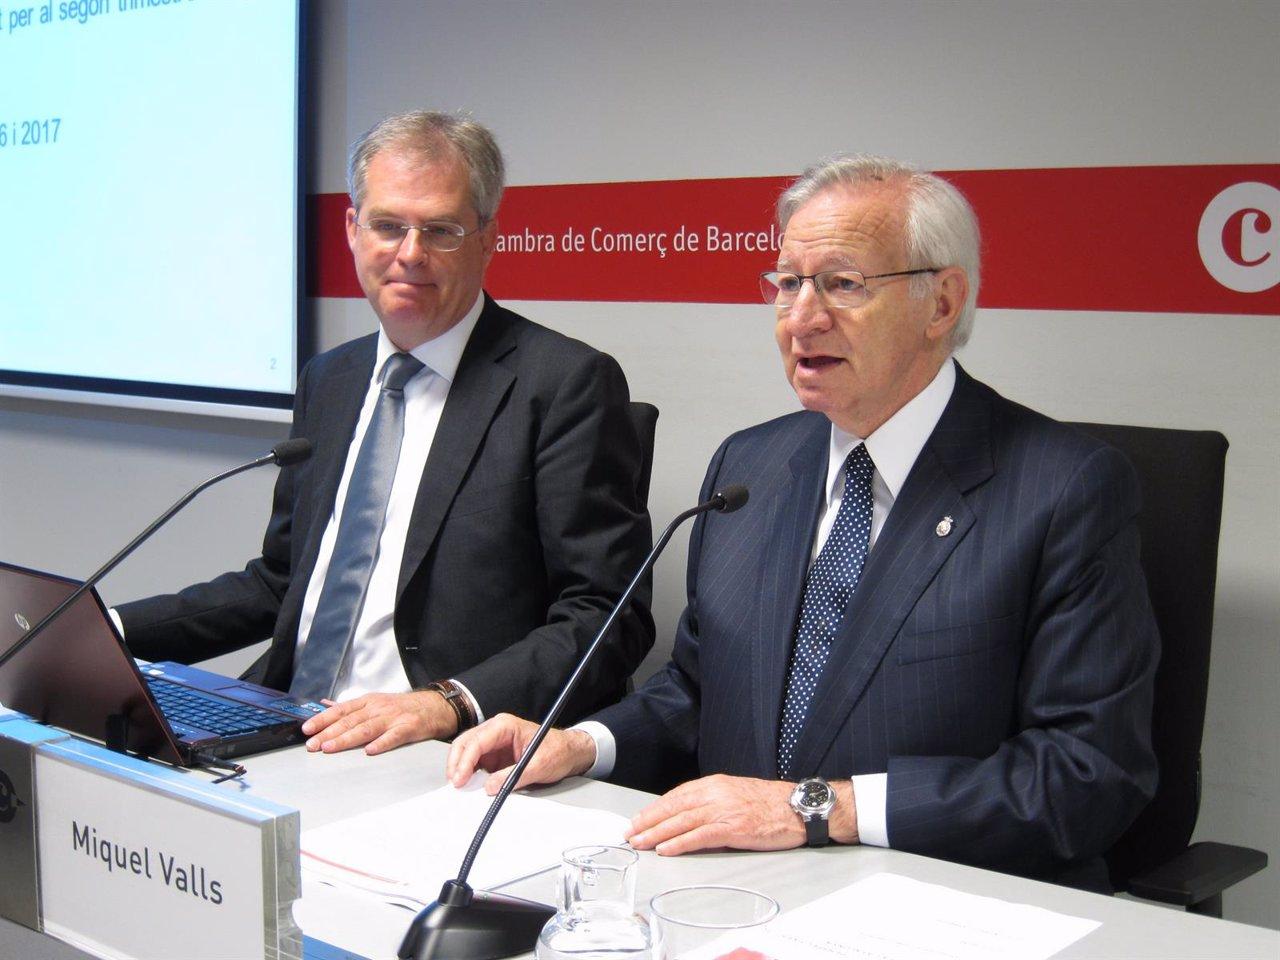 Joan Ramon Rovira y Miquel Valls (Cámara de Comercio de Barcelona)